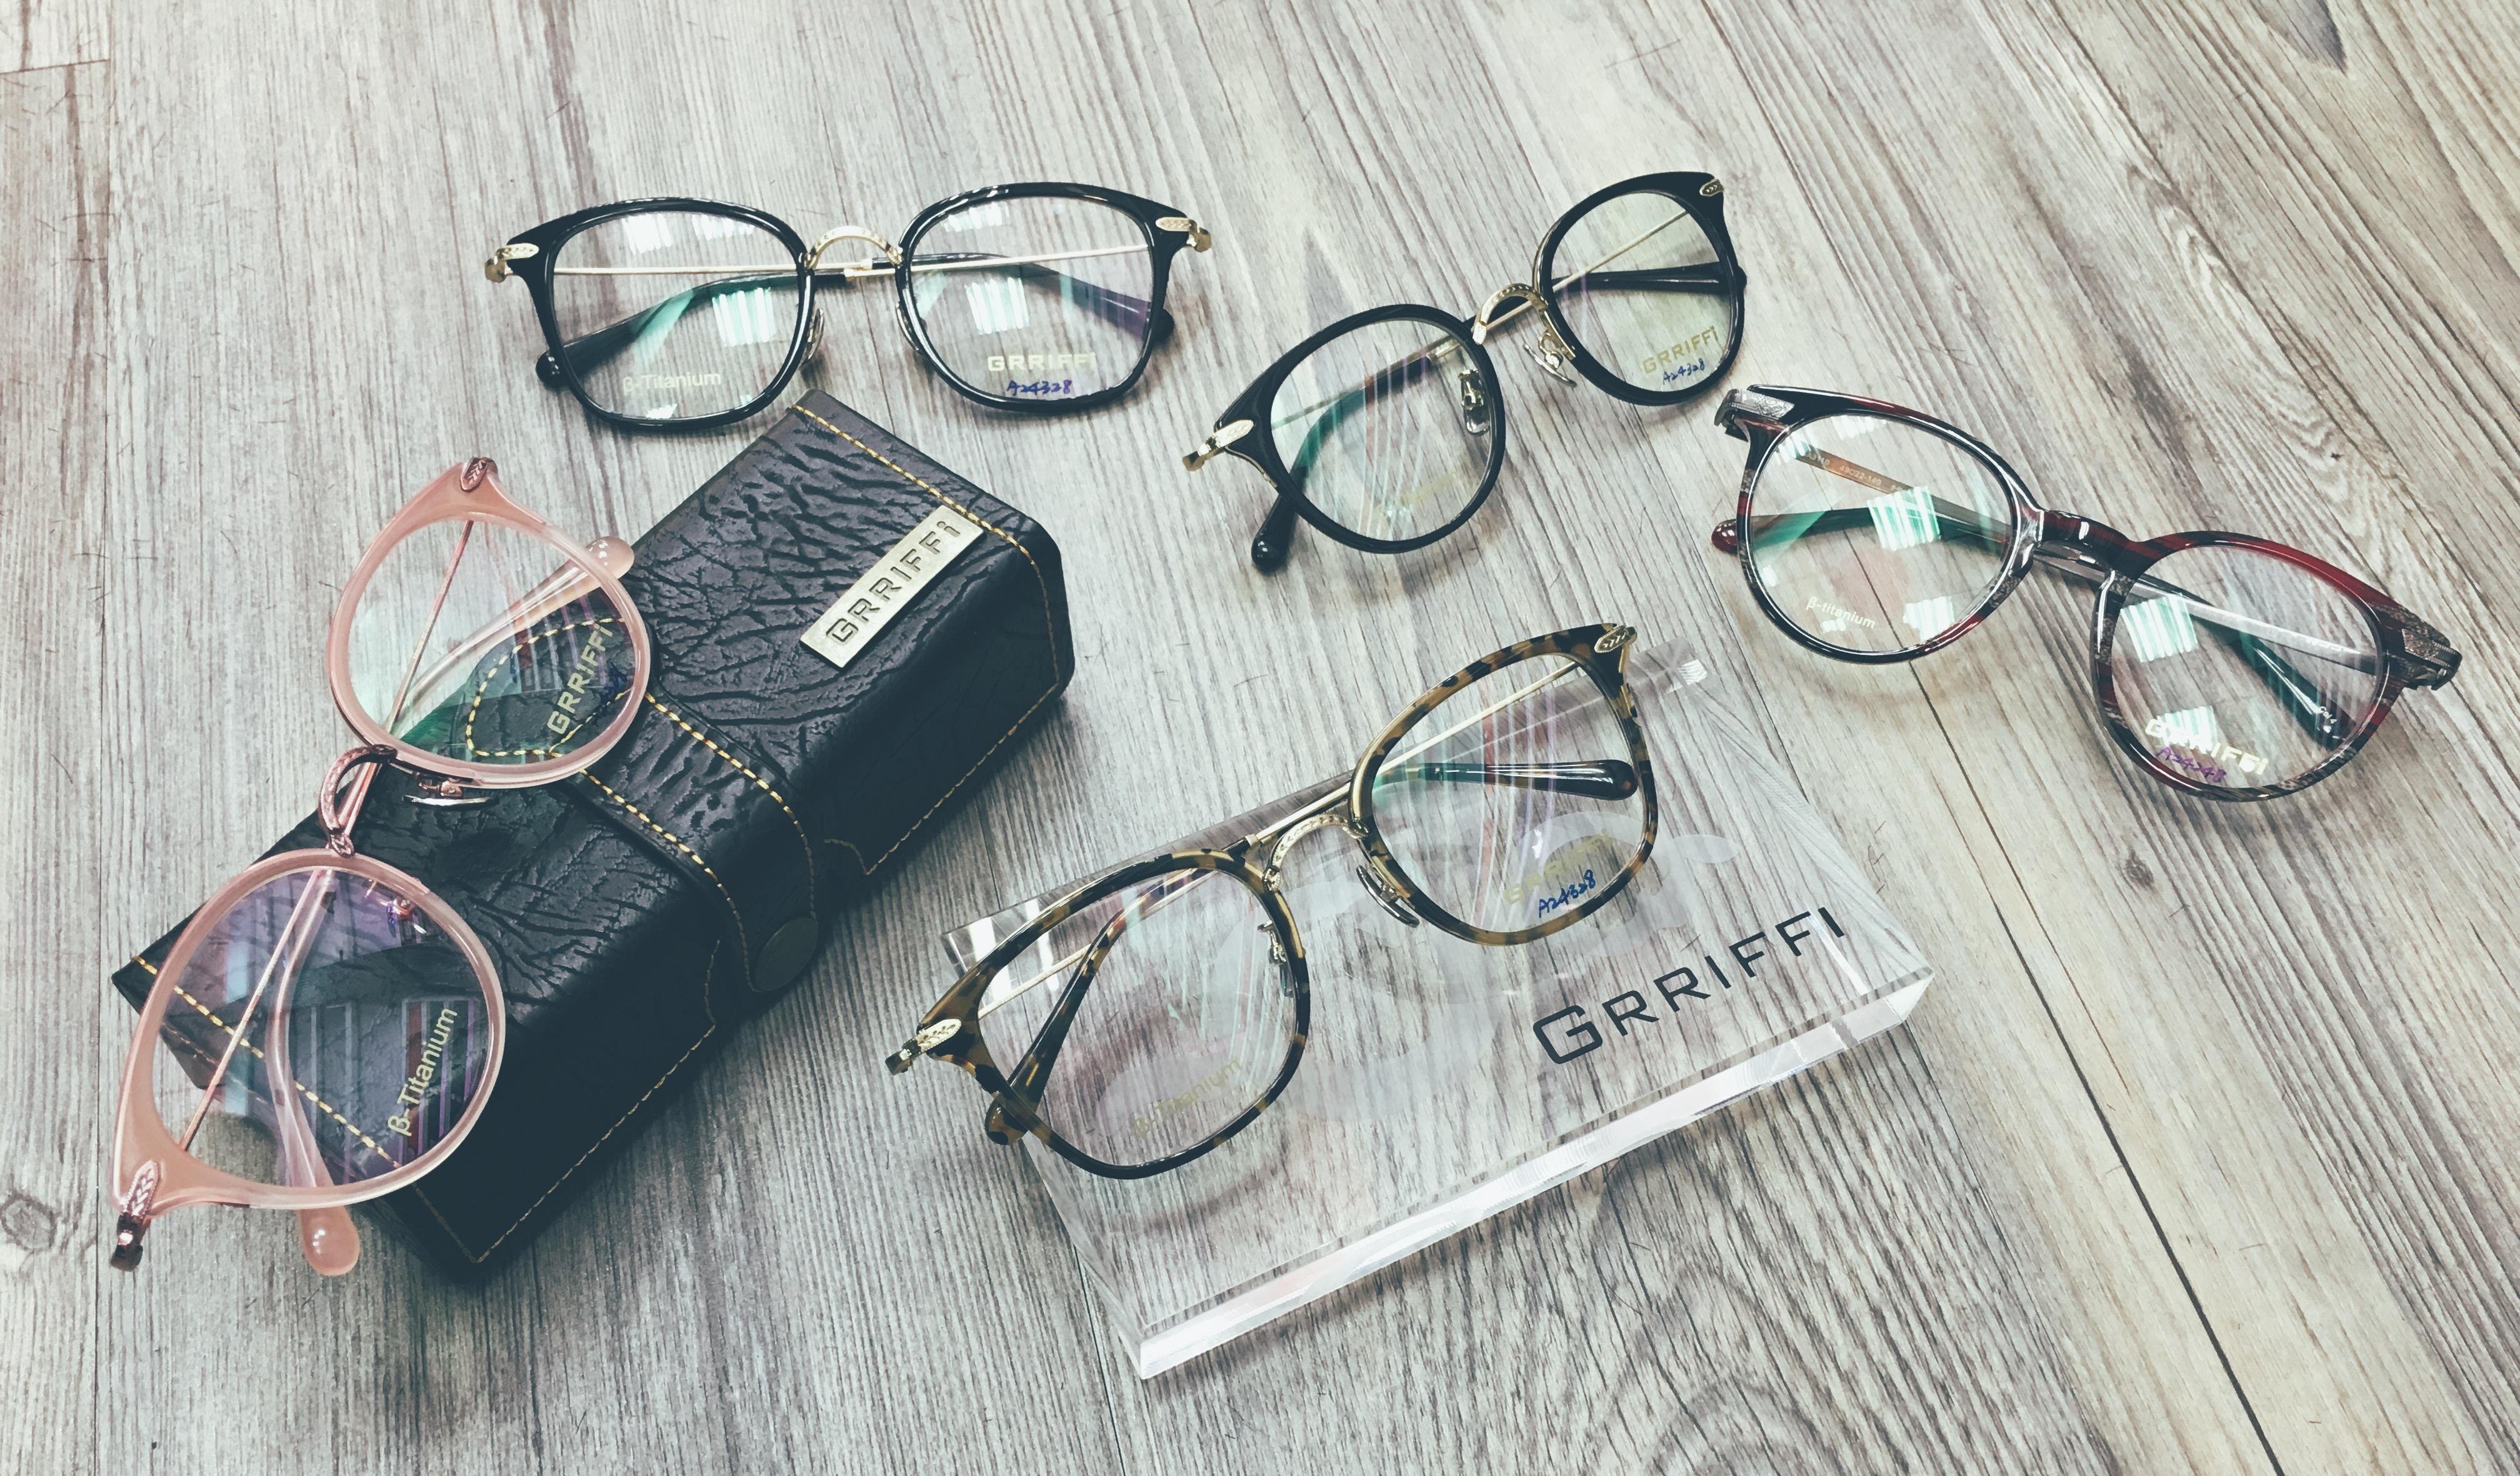 華江眼鏡~中和 板橋最推薦的眼鏡店 | 眼鏡是讓人發現你改變的最佳捷徑